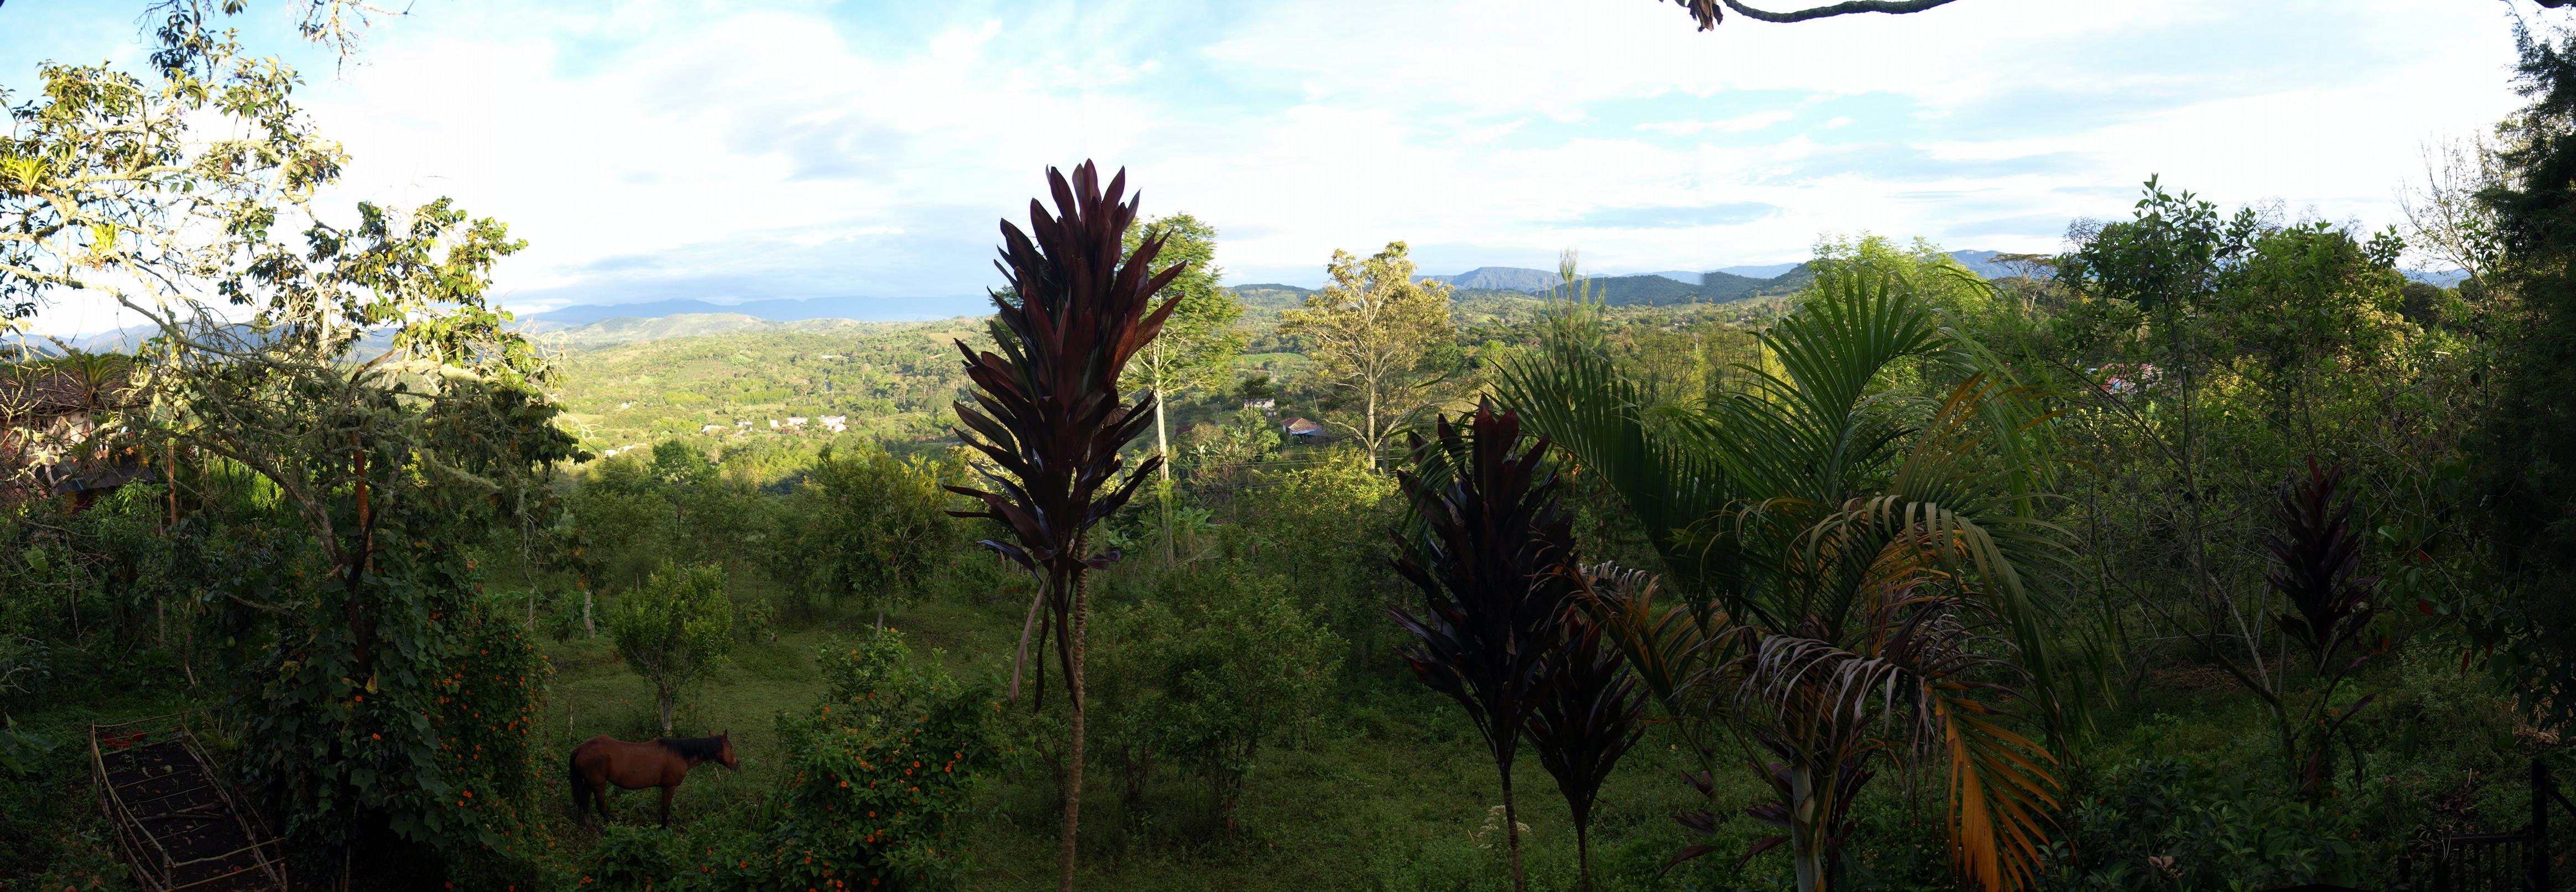 P5122414 pano San Agustín Colombia